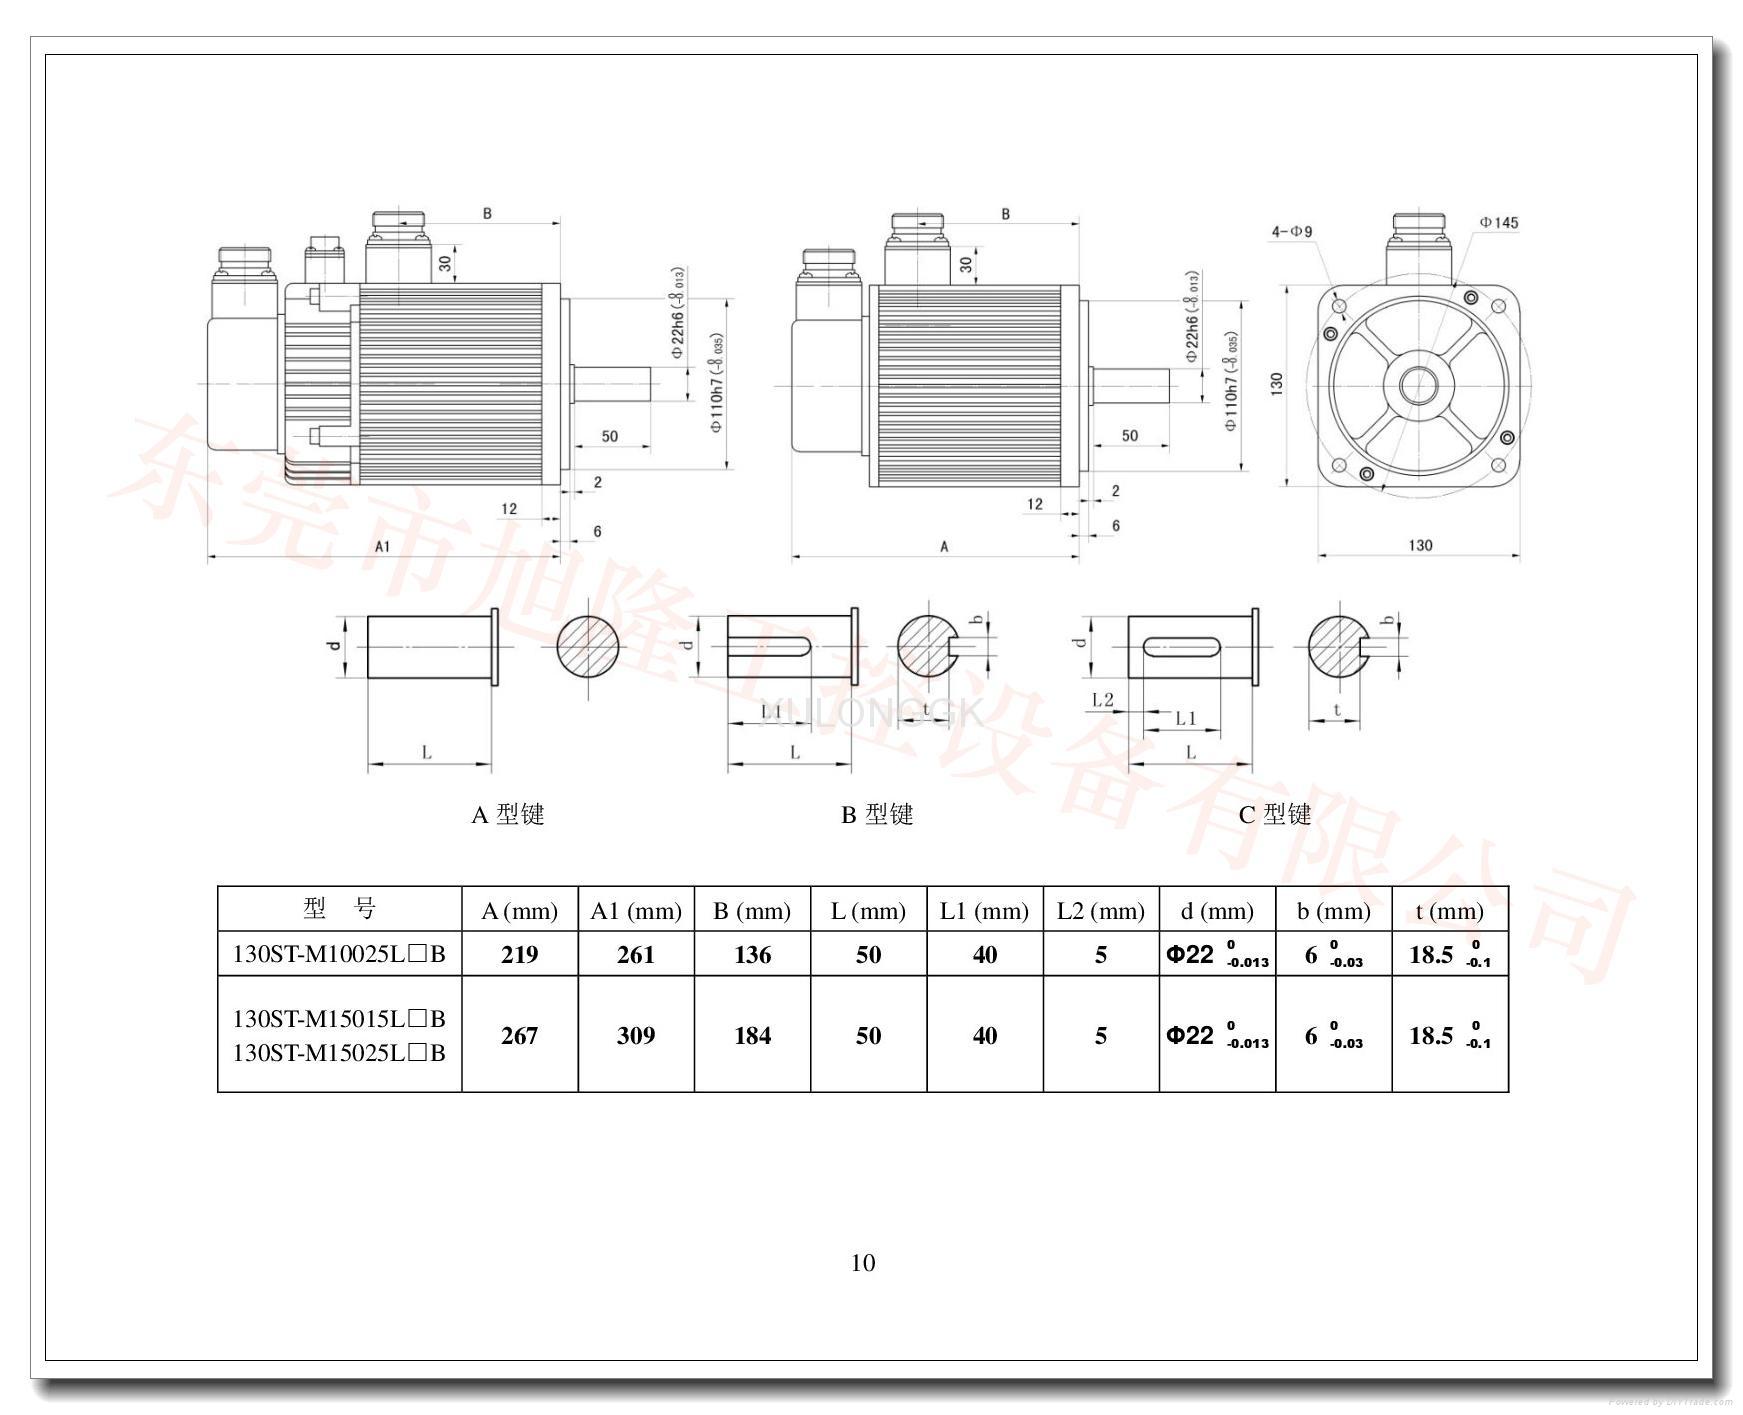 华大伺服马达配K系列驱动130ST-M15015LFB 1.5kw 15N  220V 数控深孔钻设备替安川用 4